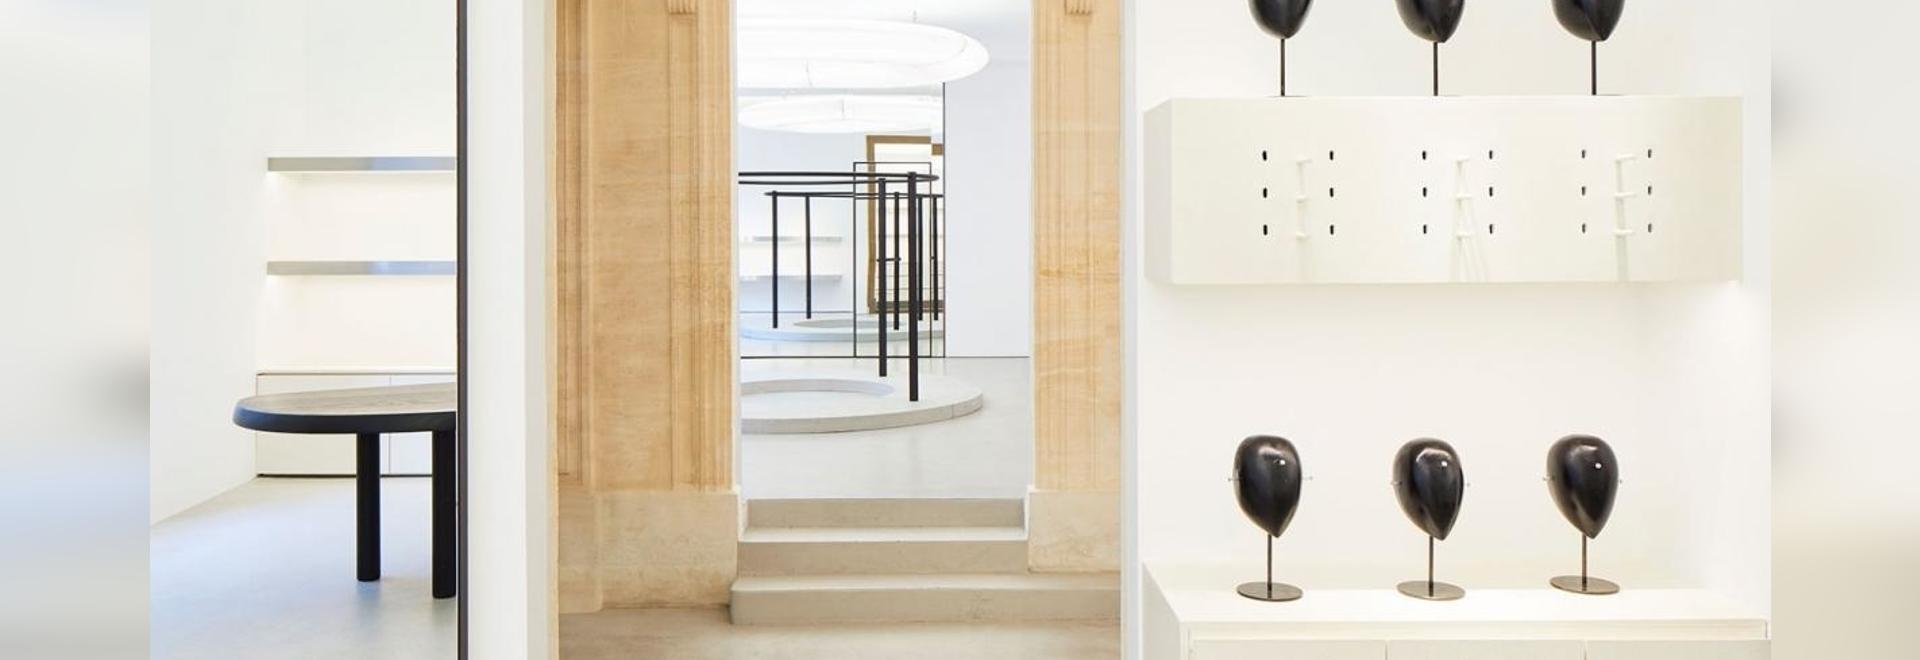 Alaïa's storied hôtel particulier in Paris now boasts a spa and café